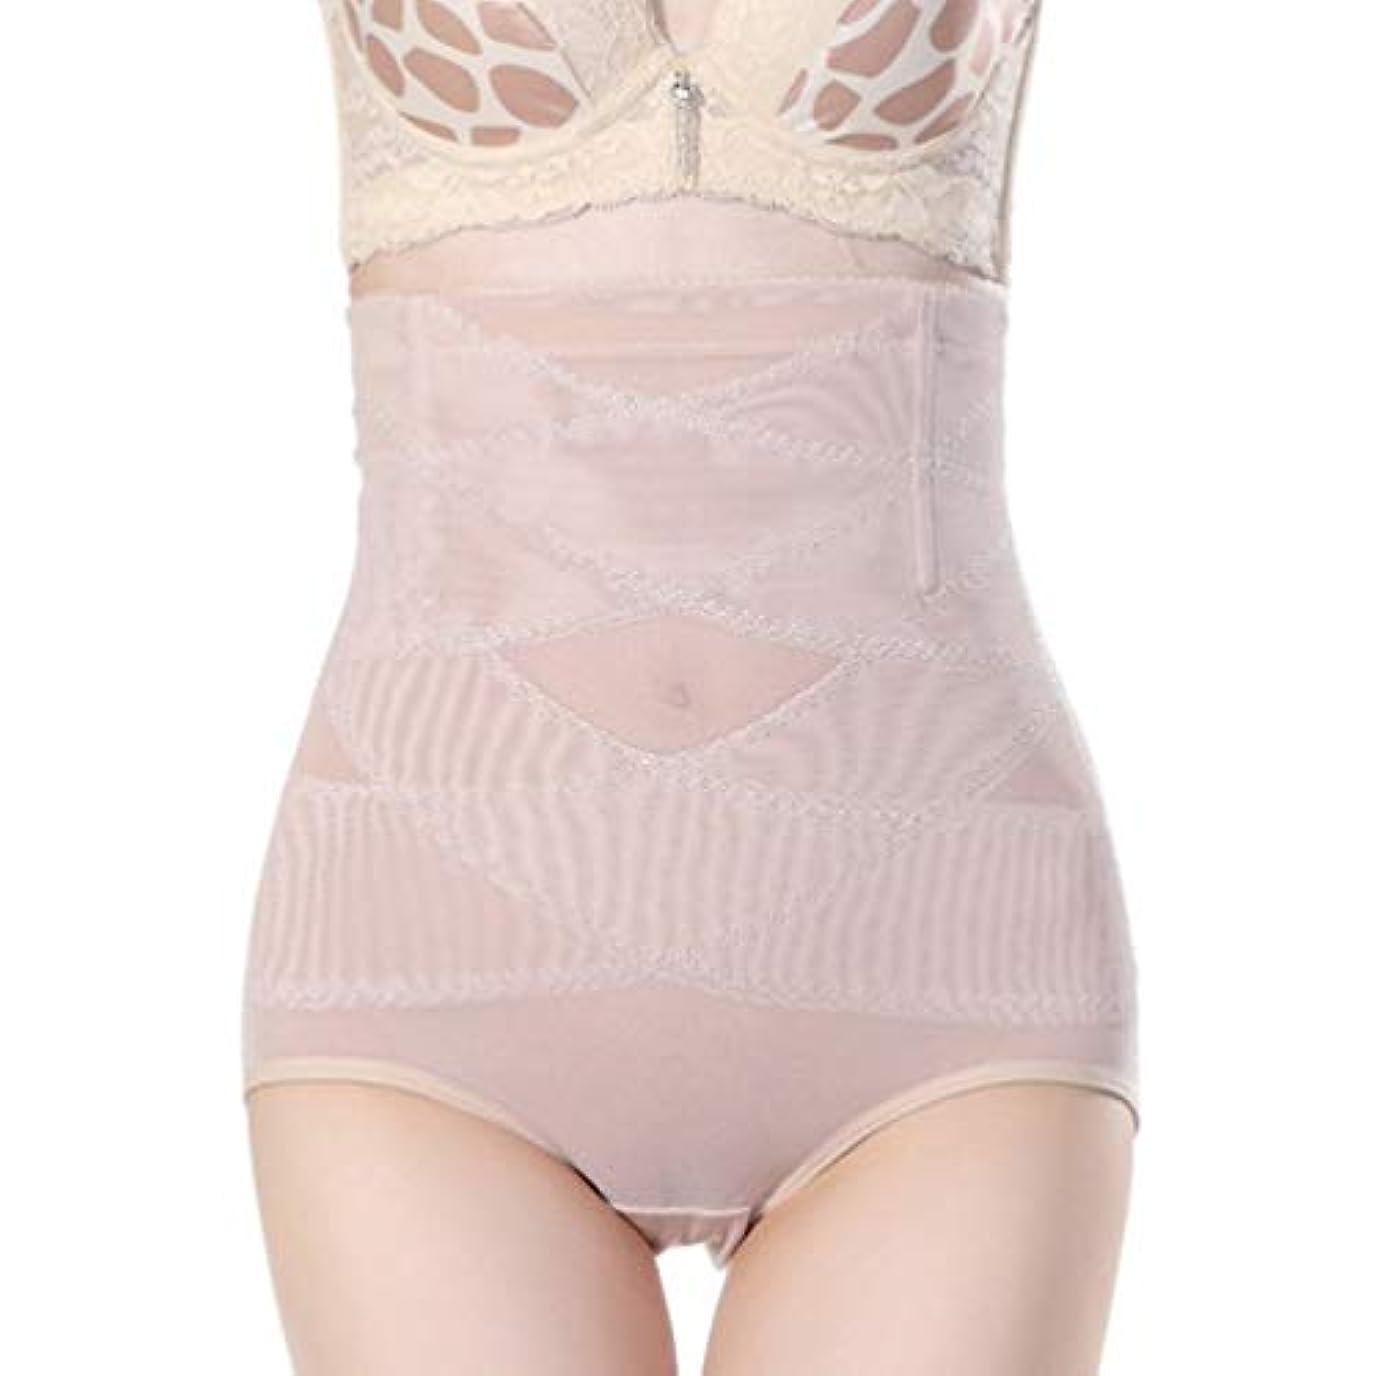 改革チーター酸化する腹部制御下着シームレスおなかコントロールパンティーバットリフターボディシェイパーを痩身通気性のハイウエストの女性 - 肌色L